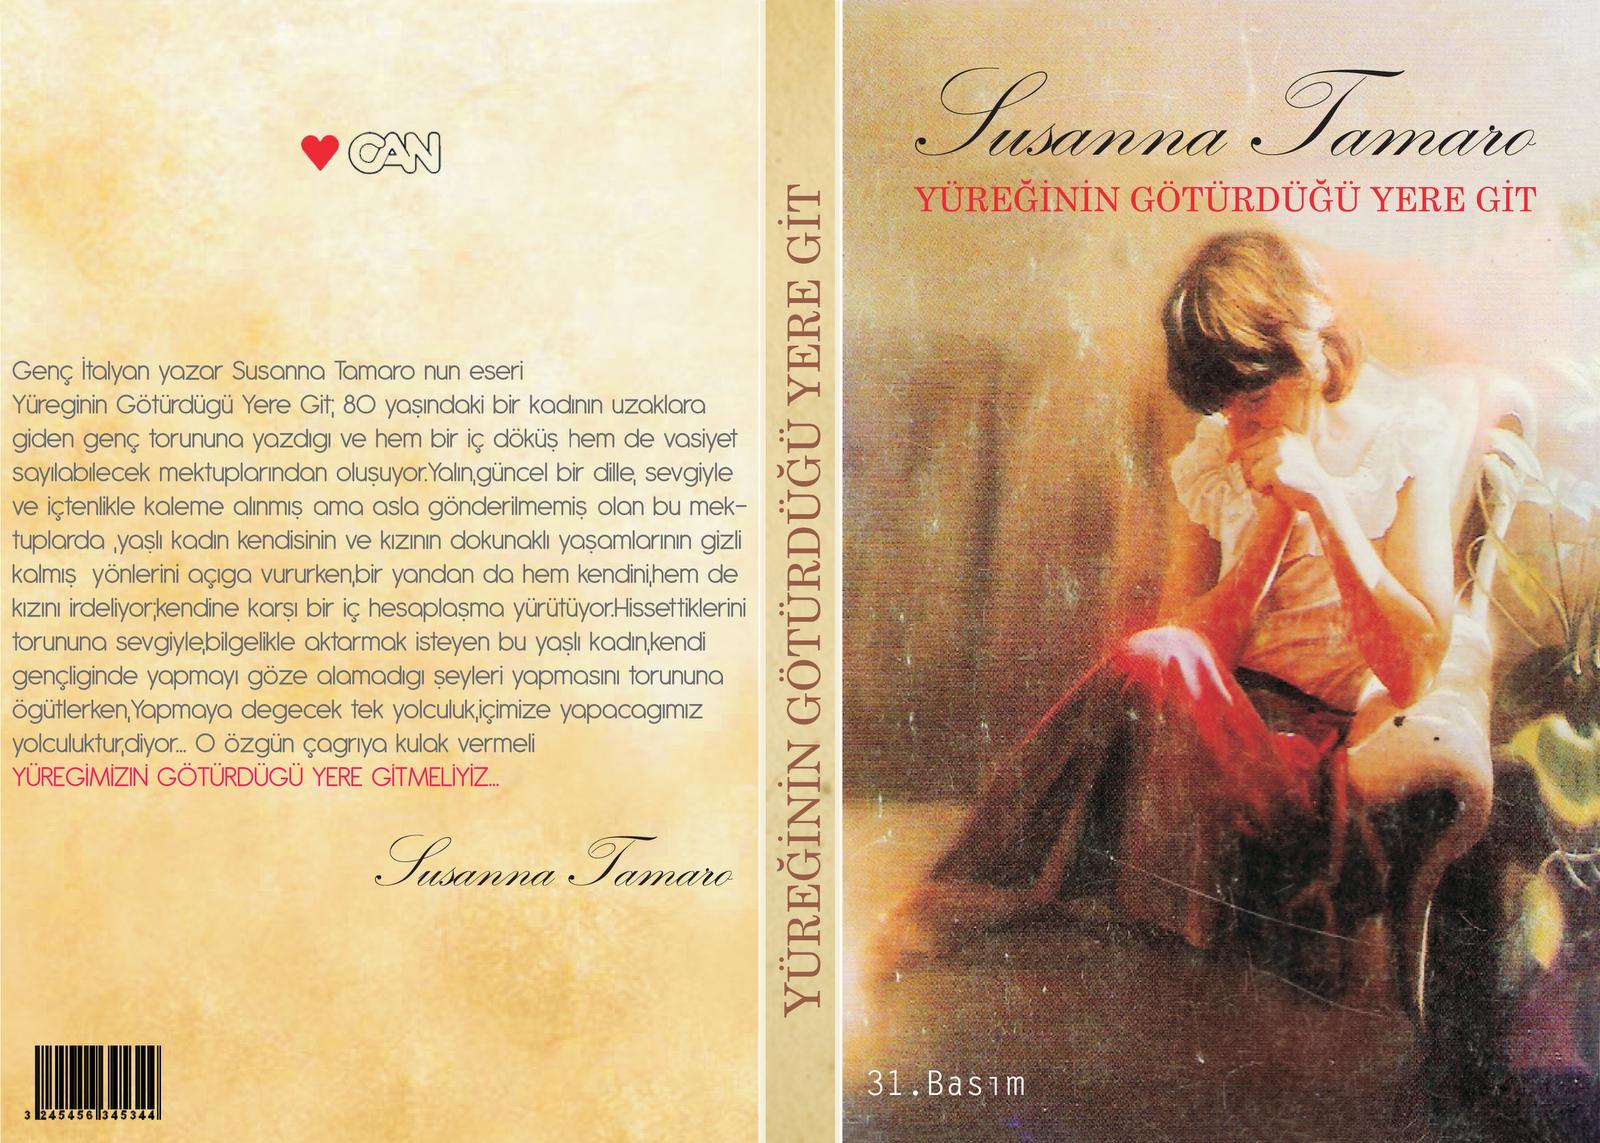 Susanna Tamaro / Yüreğinin Götürdüğü Yere Git